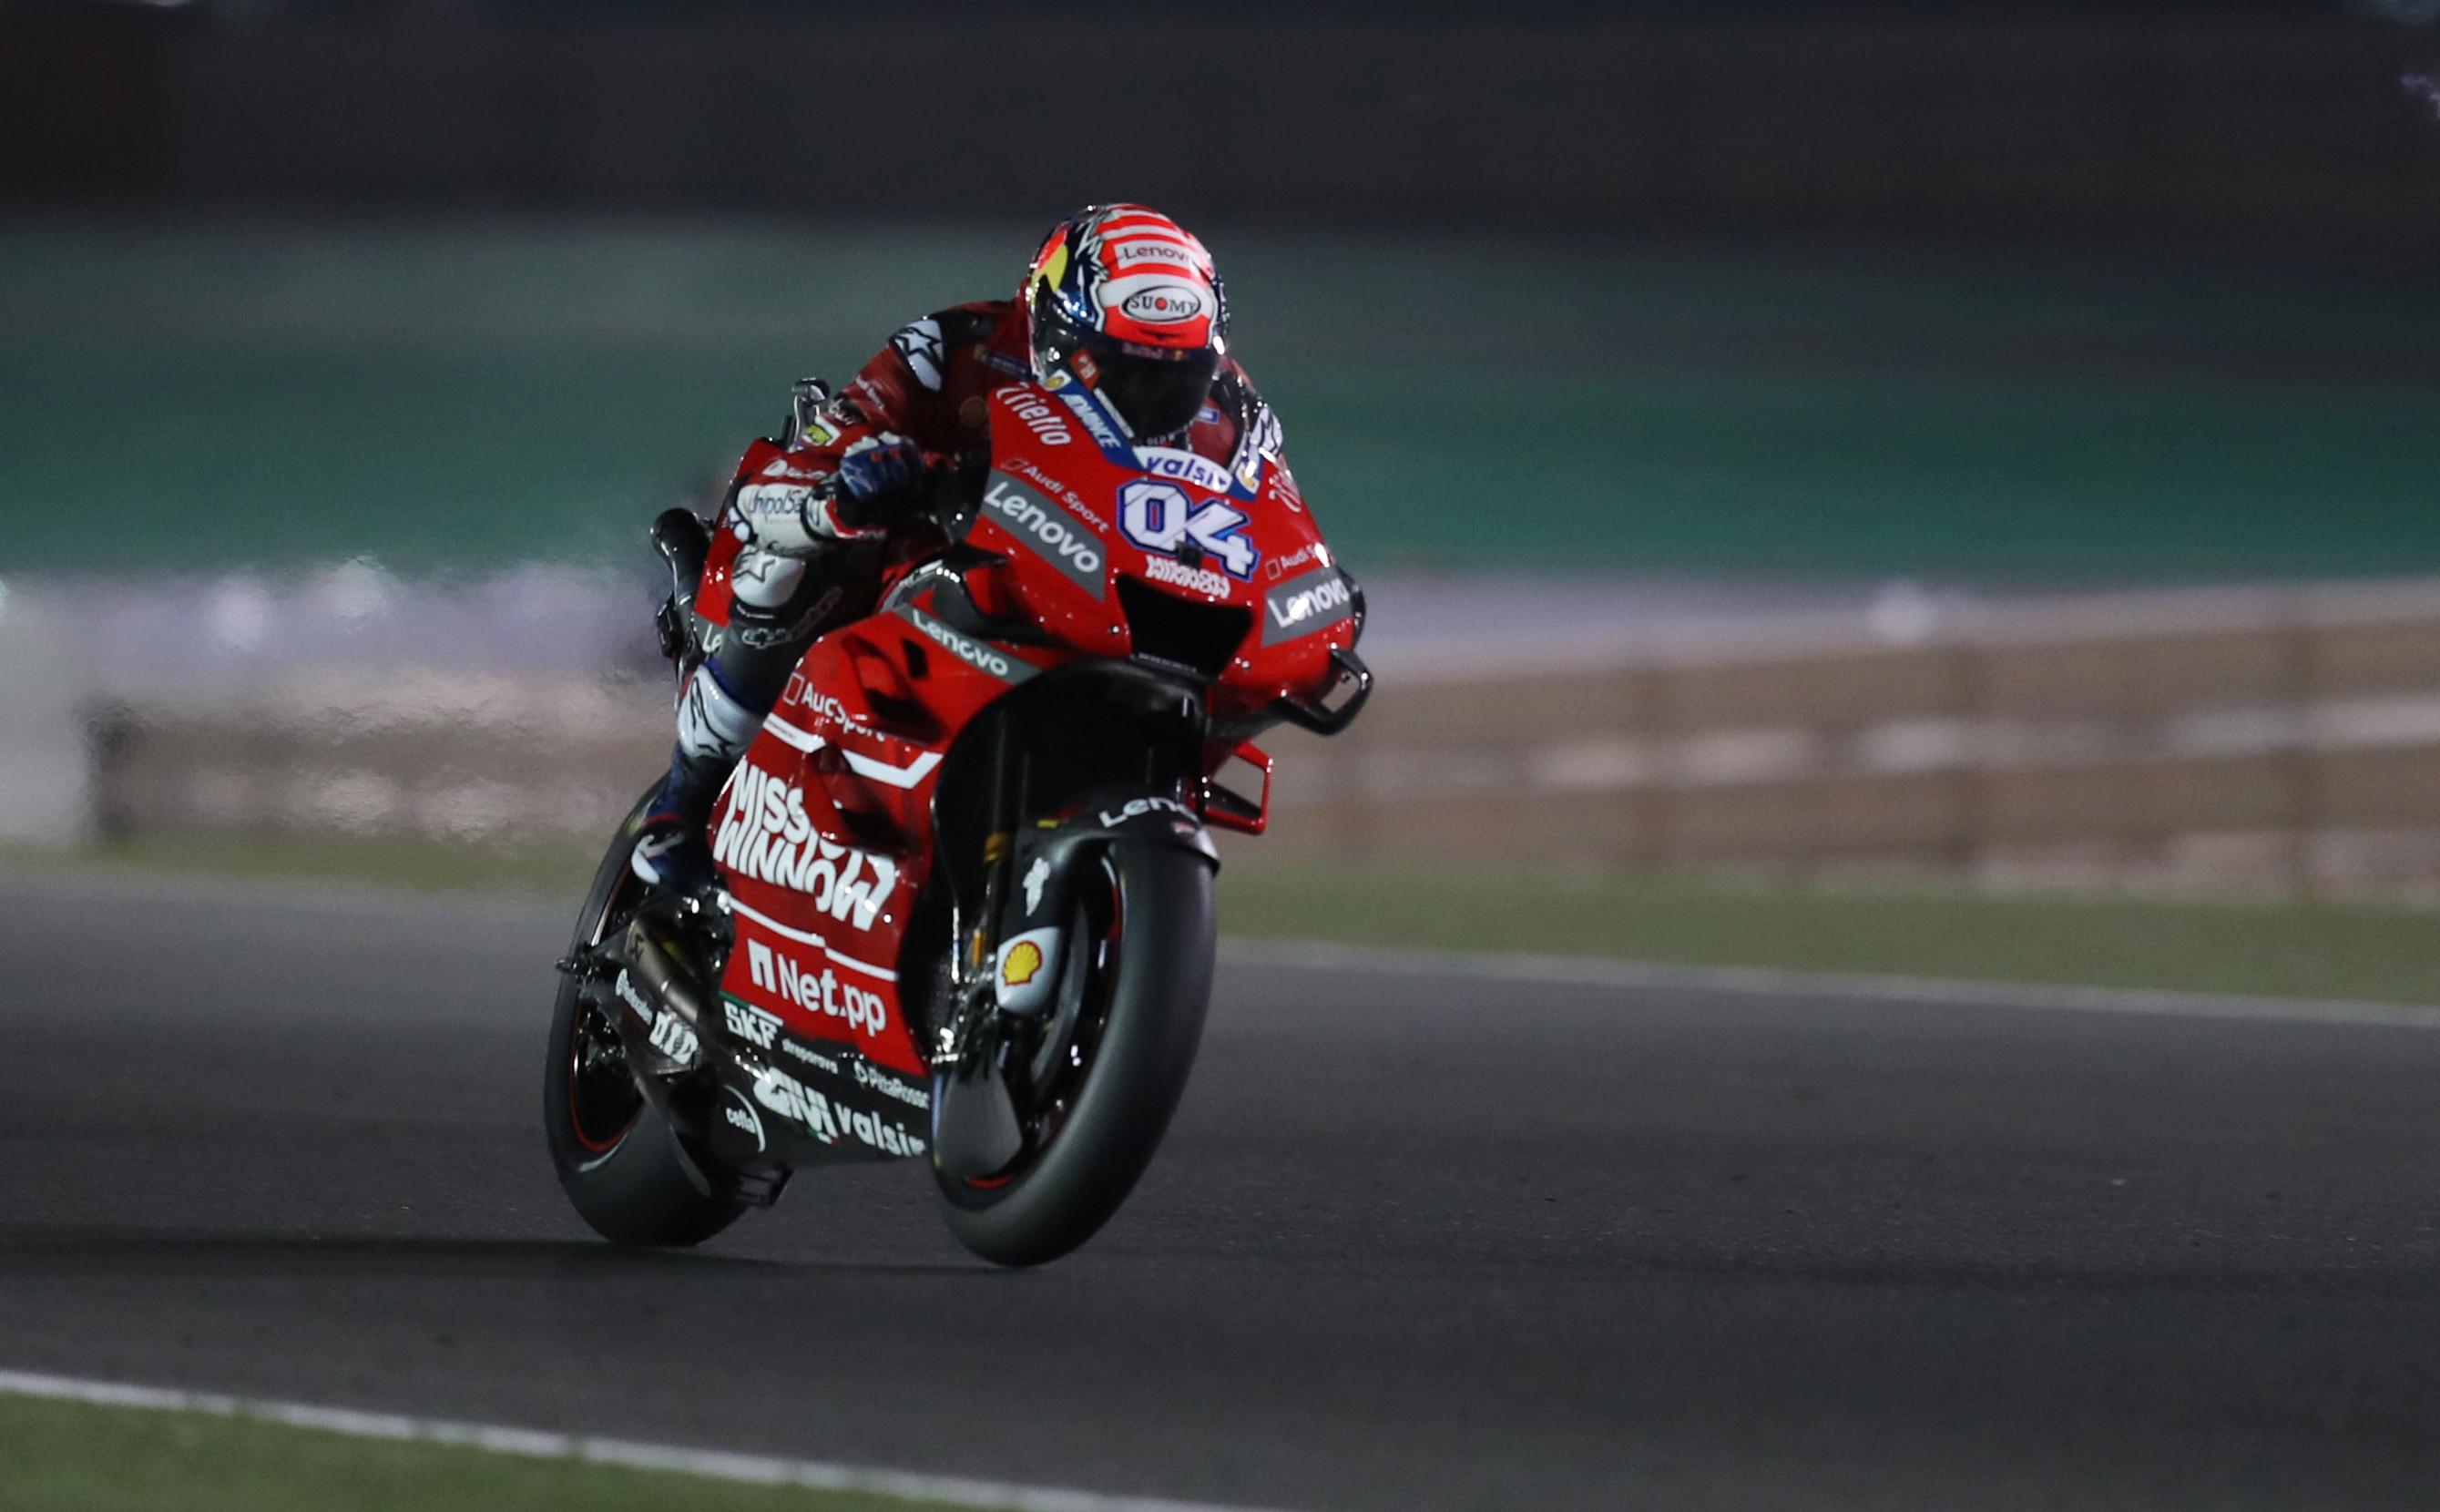 MotoGP: Vitória de Dovizioso em risco. Equipas protestam uso de uma peça